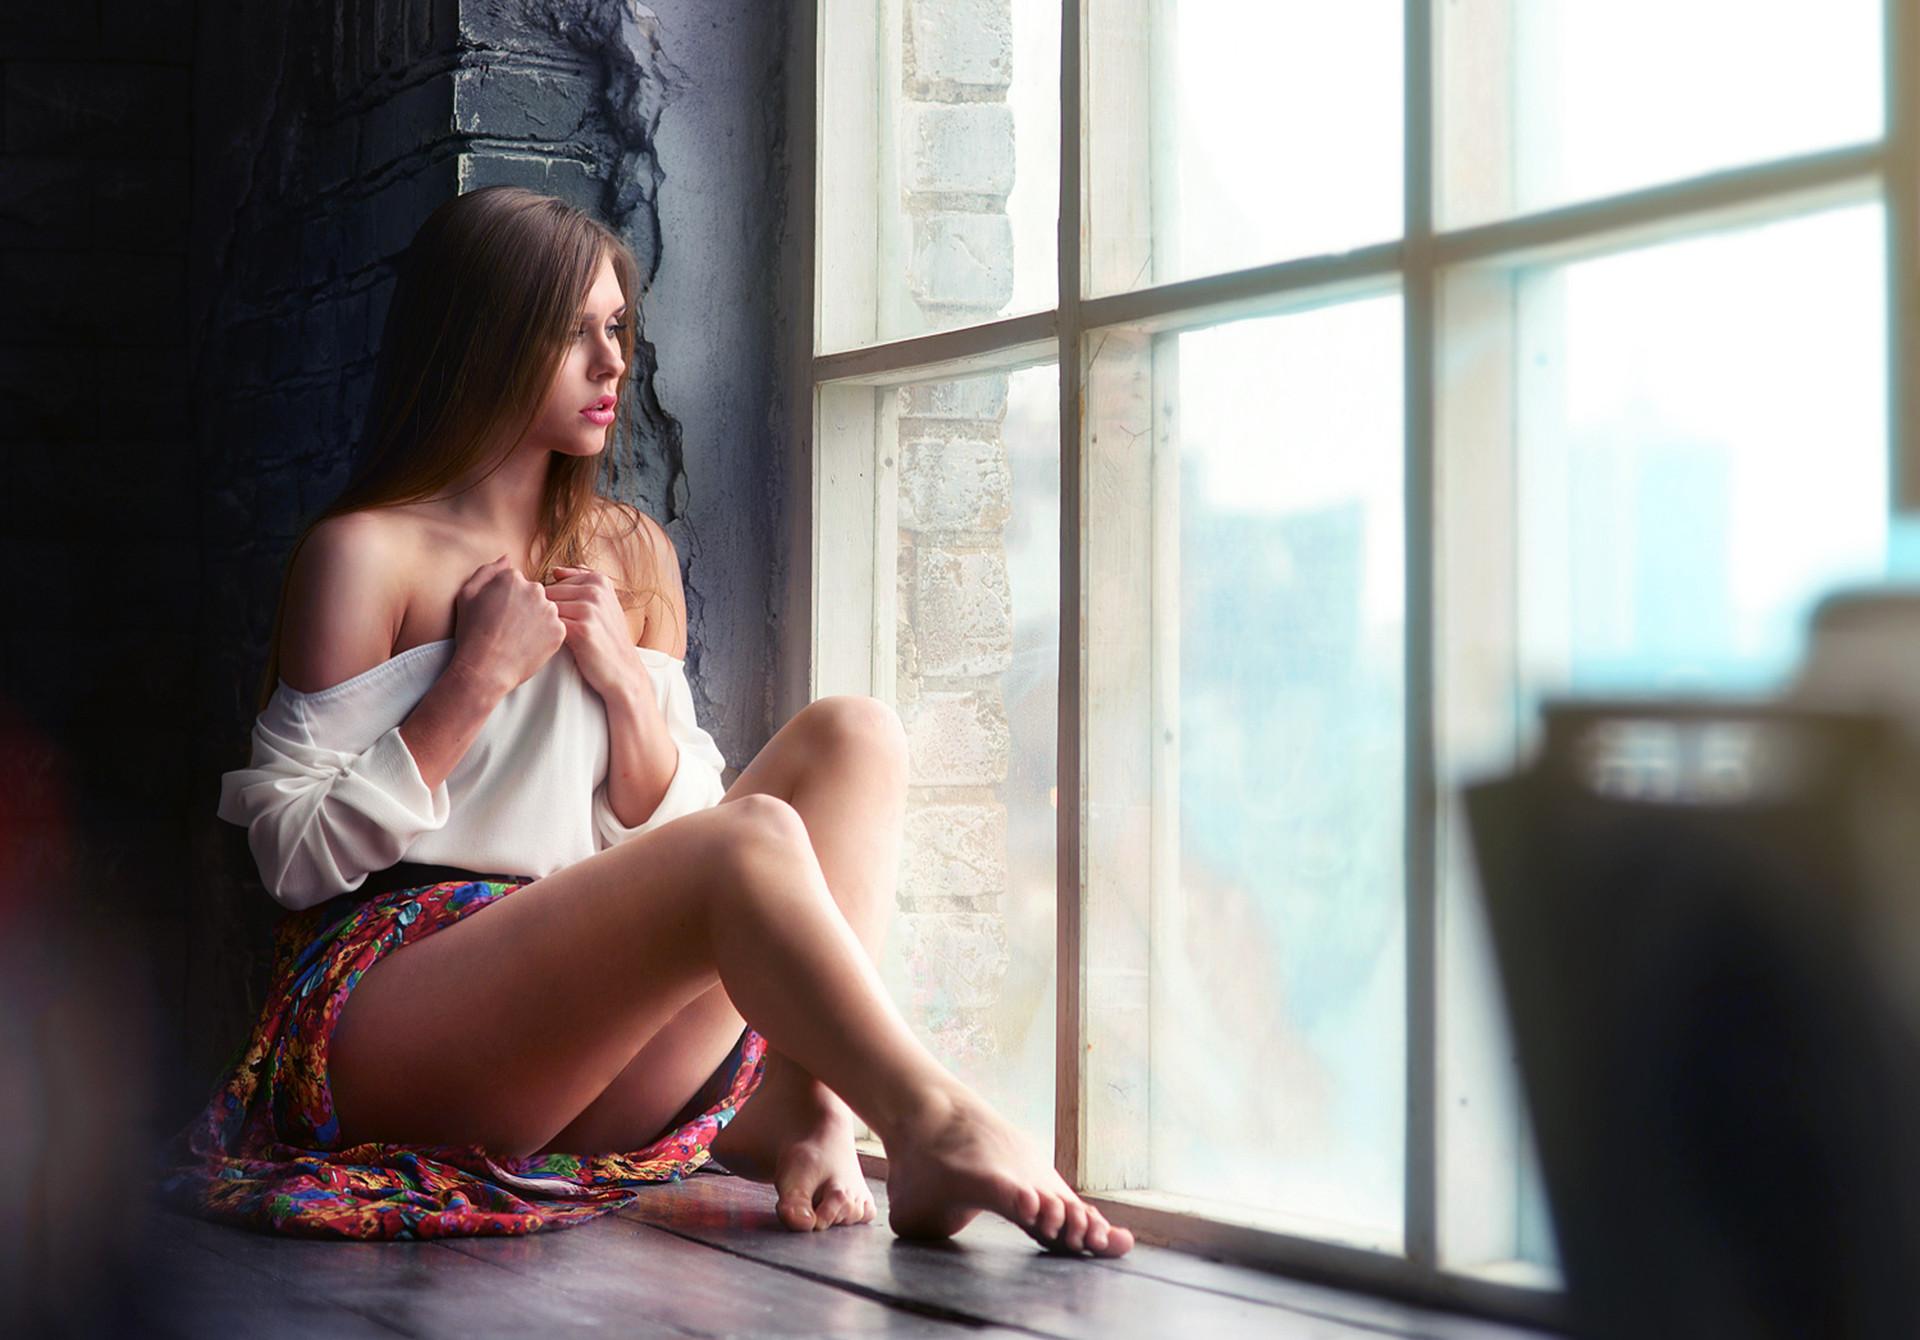 Cute Sad Girl, Alone, Window